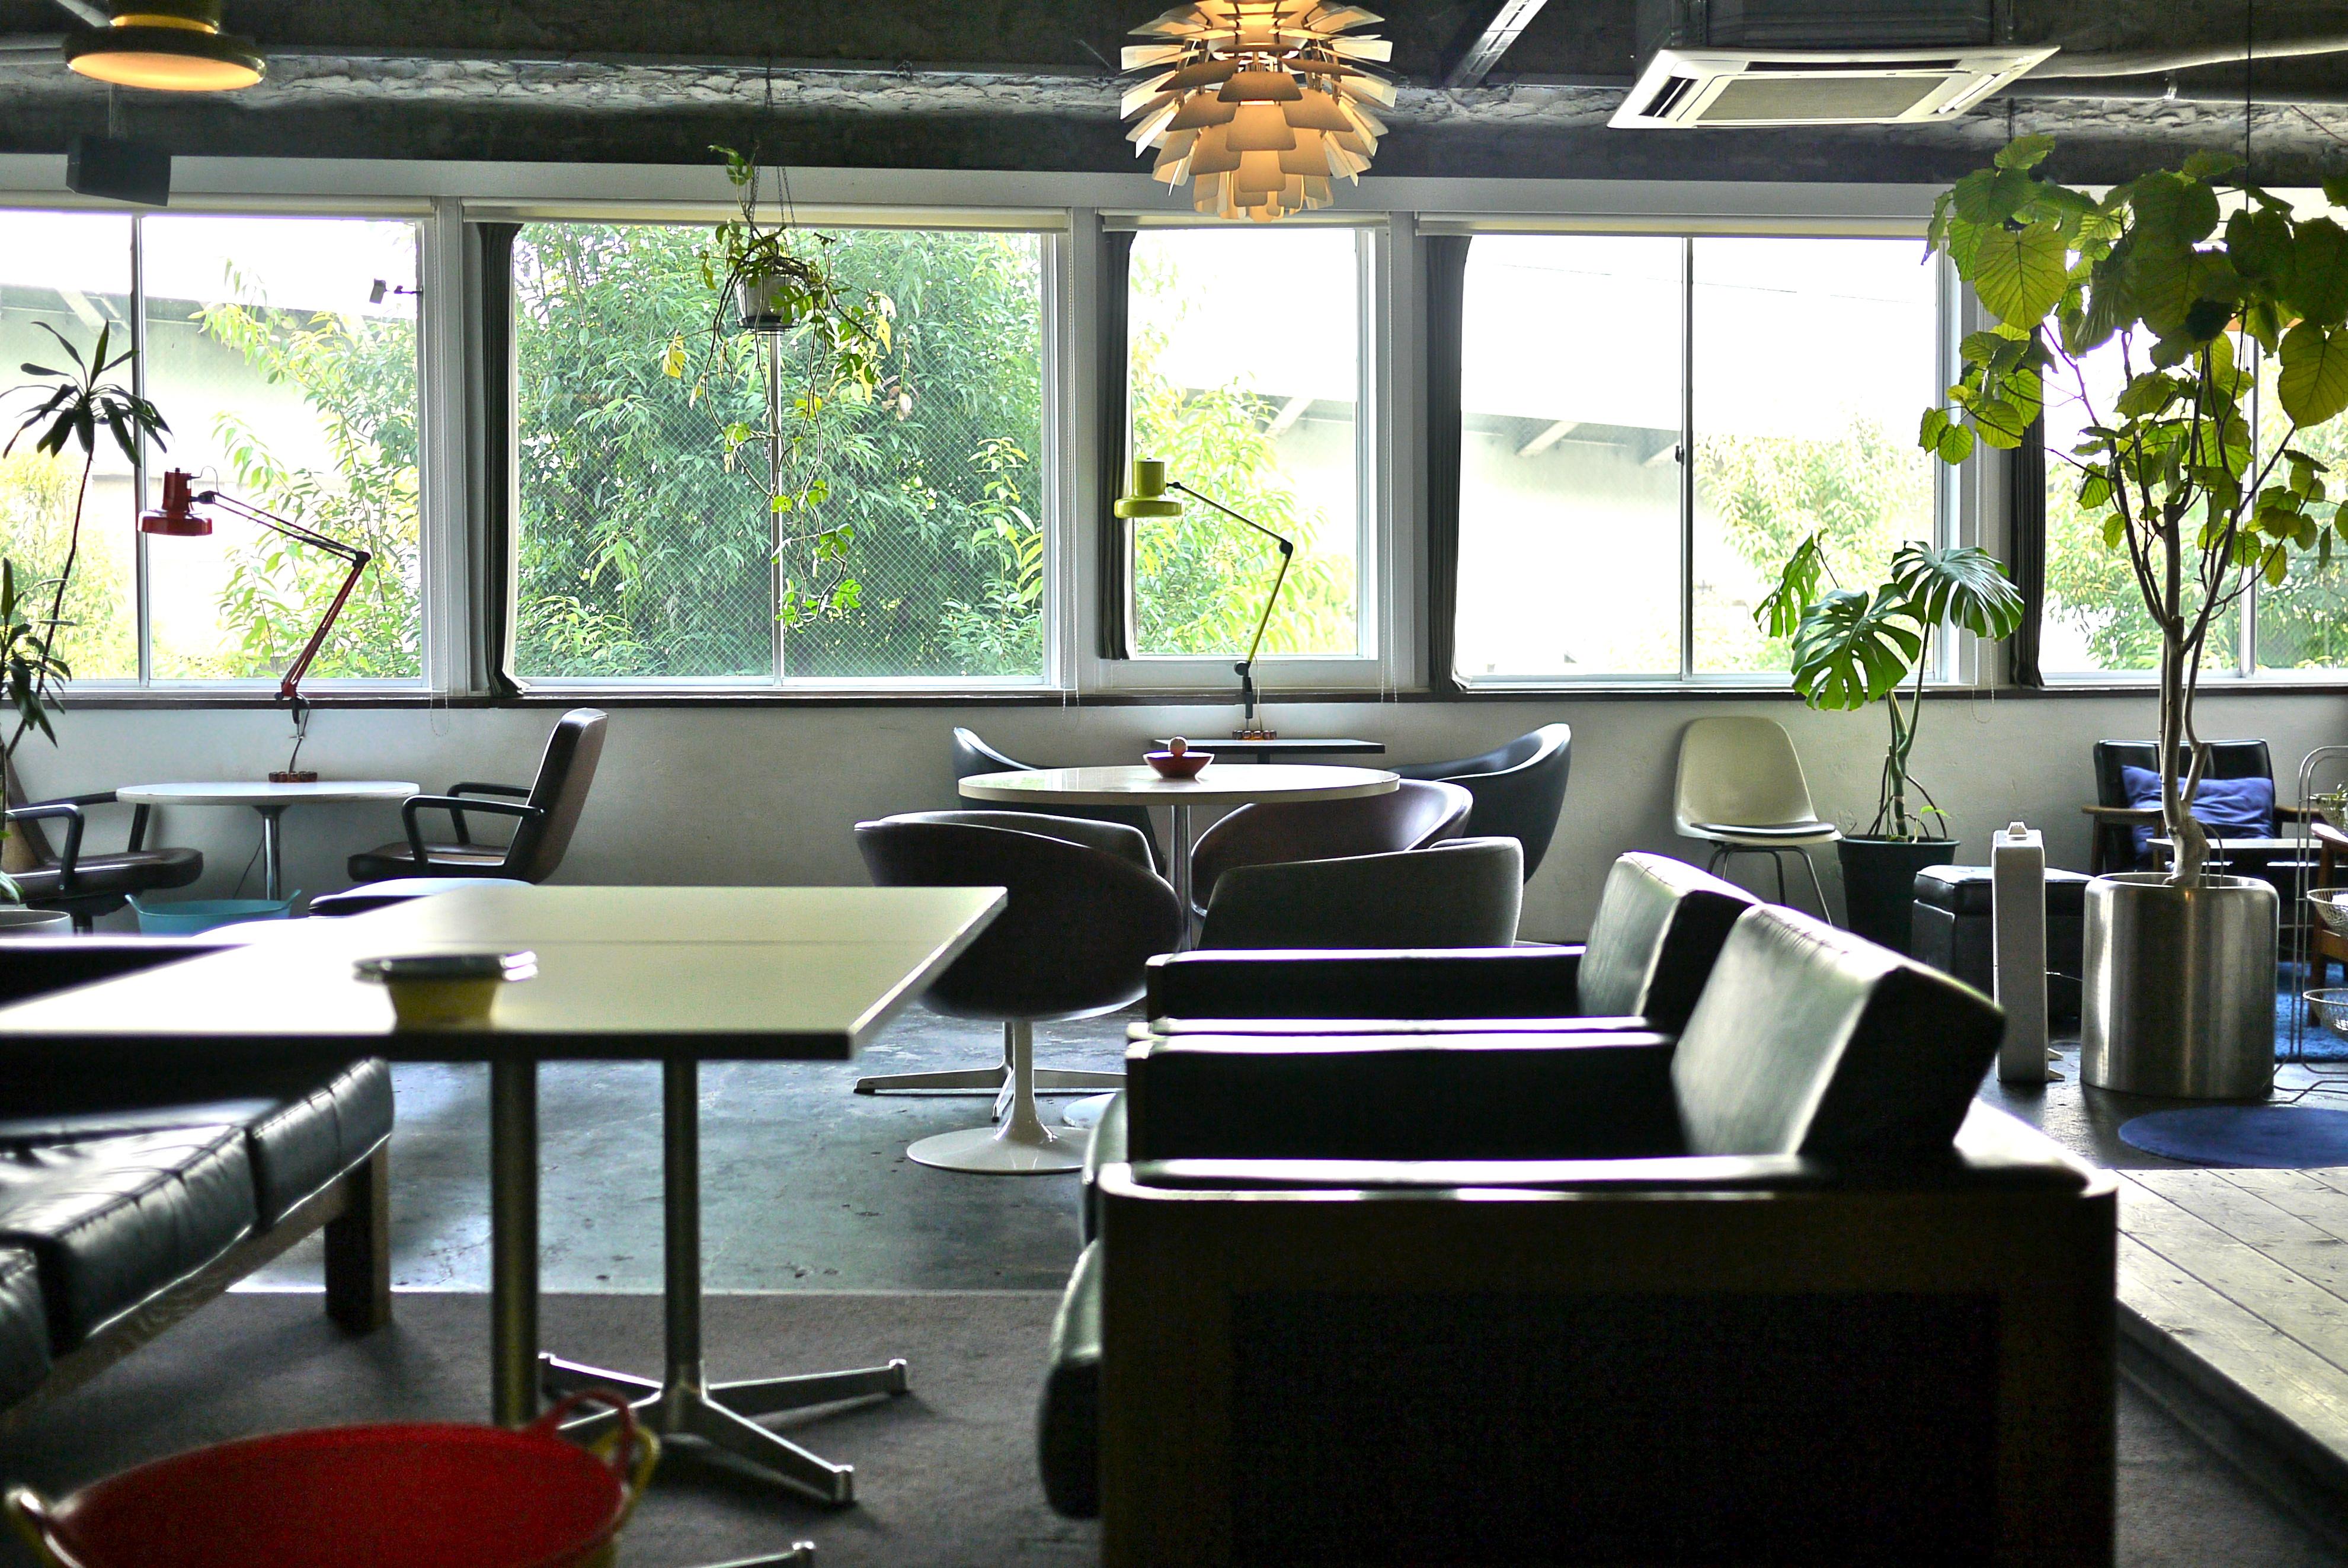 大阪でカフェに行くなら!人気店・個室あり・隠れ家のような店紹介!